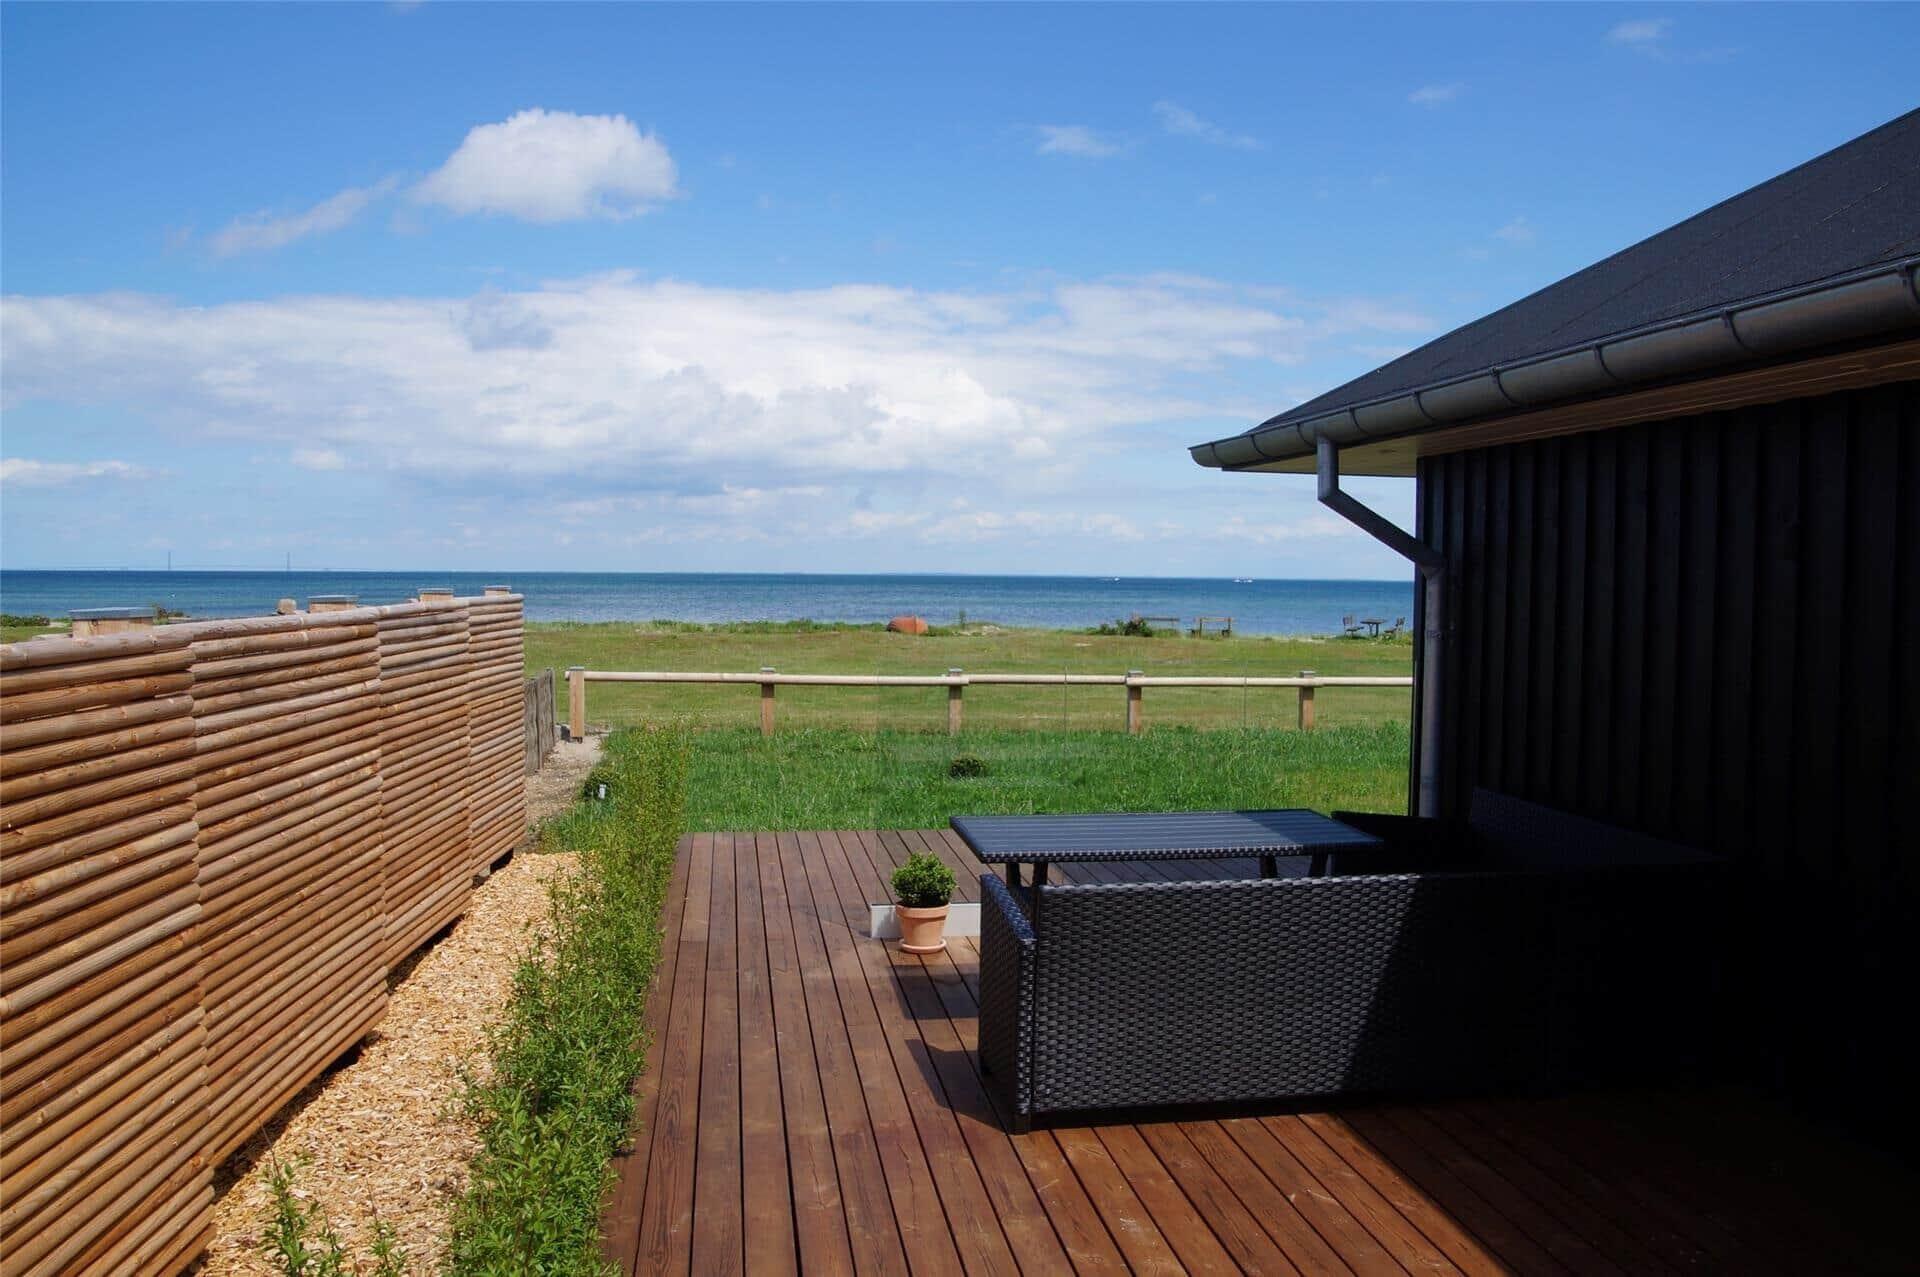 Afbeelding 1-3 Vakantiehuis M673953, Hou Plantage 47, DK - 5953 Tranekær